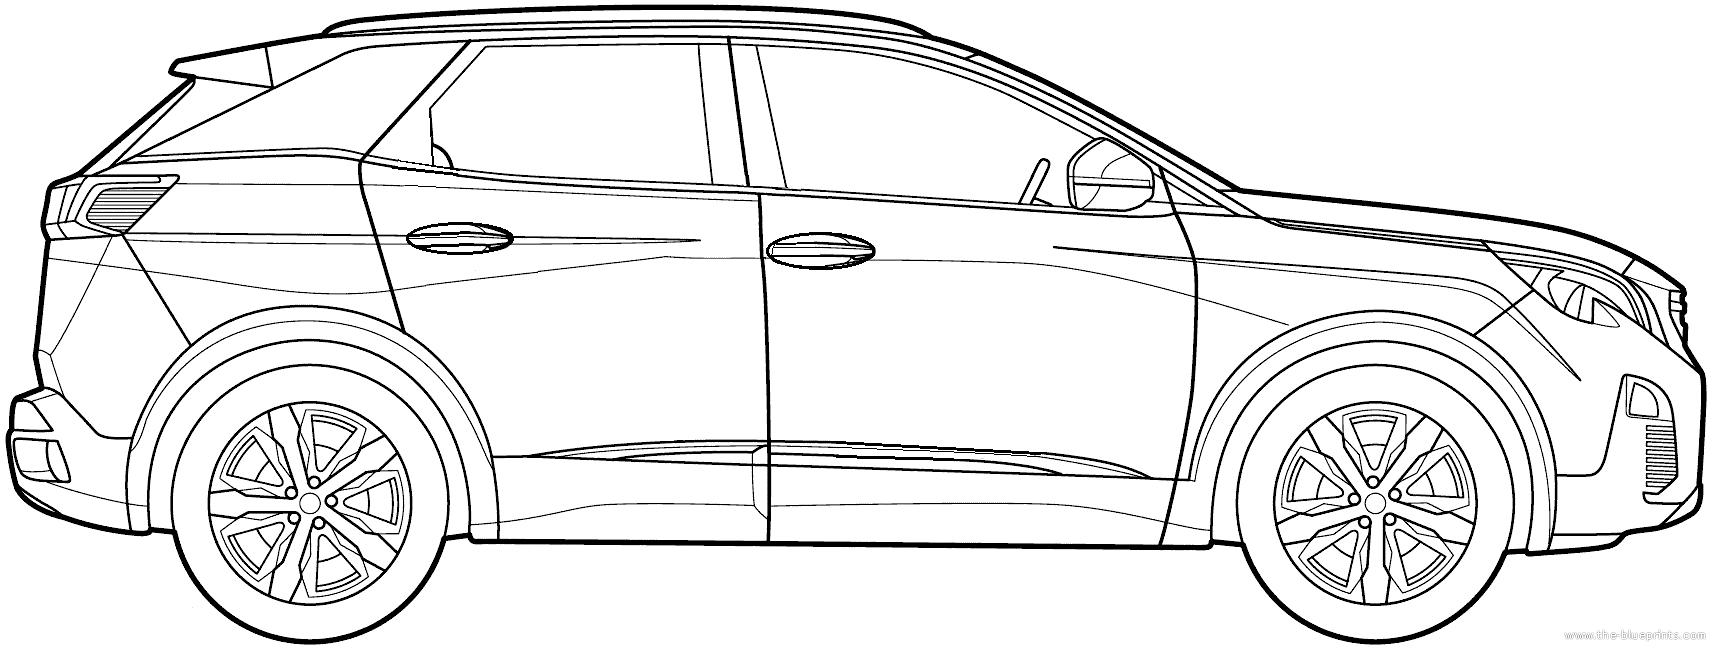 Dimension Peugeot 3008. peugeot 3008 hybrid4 dimensions